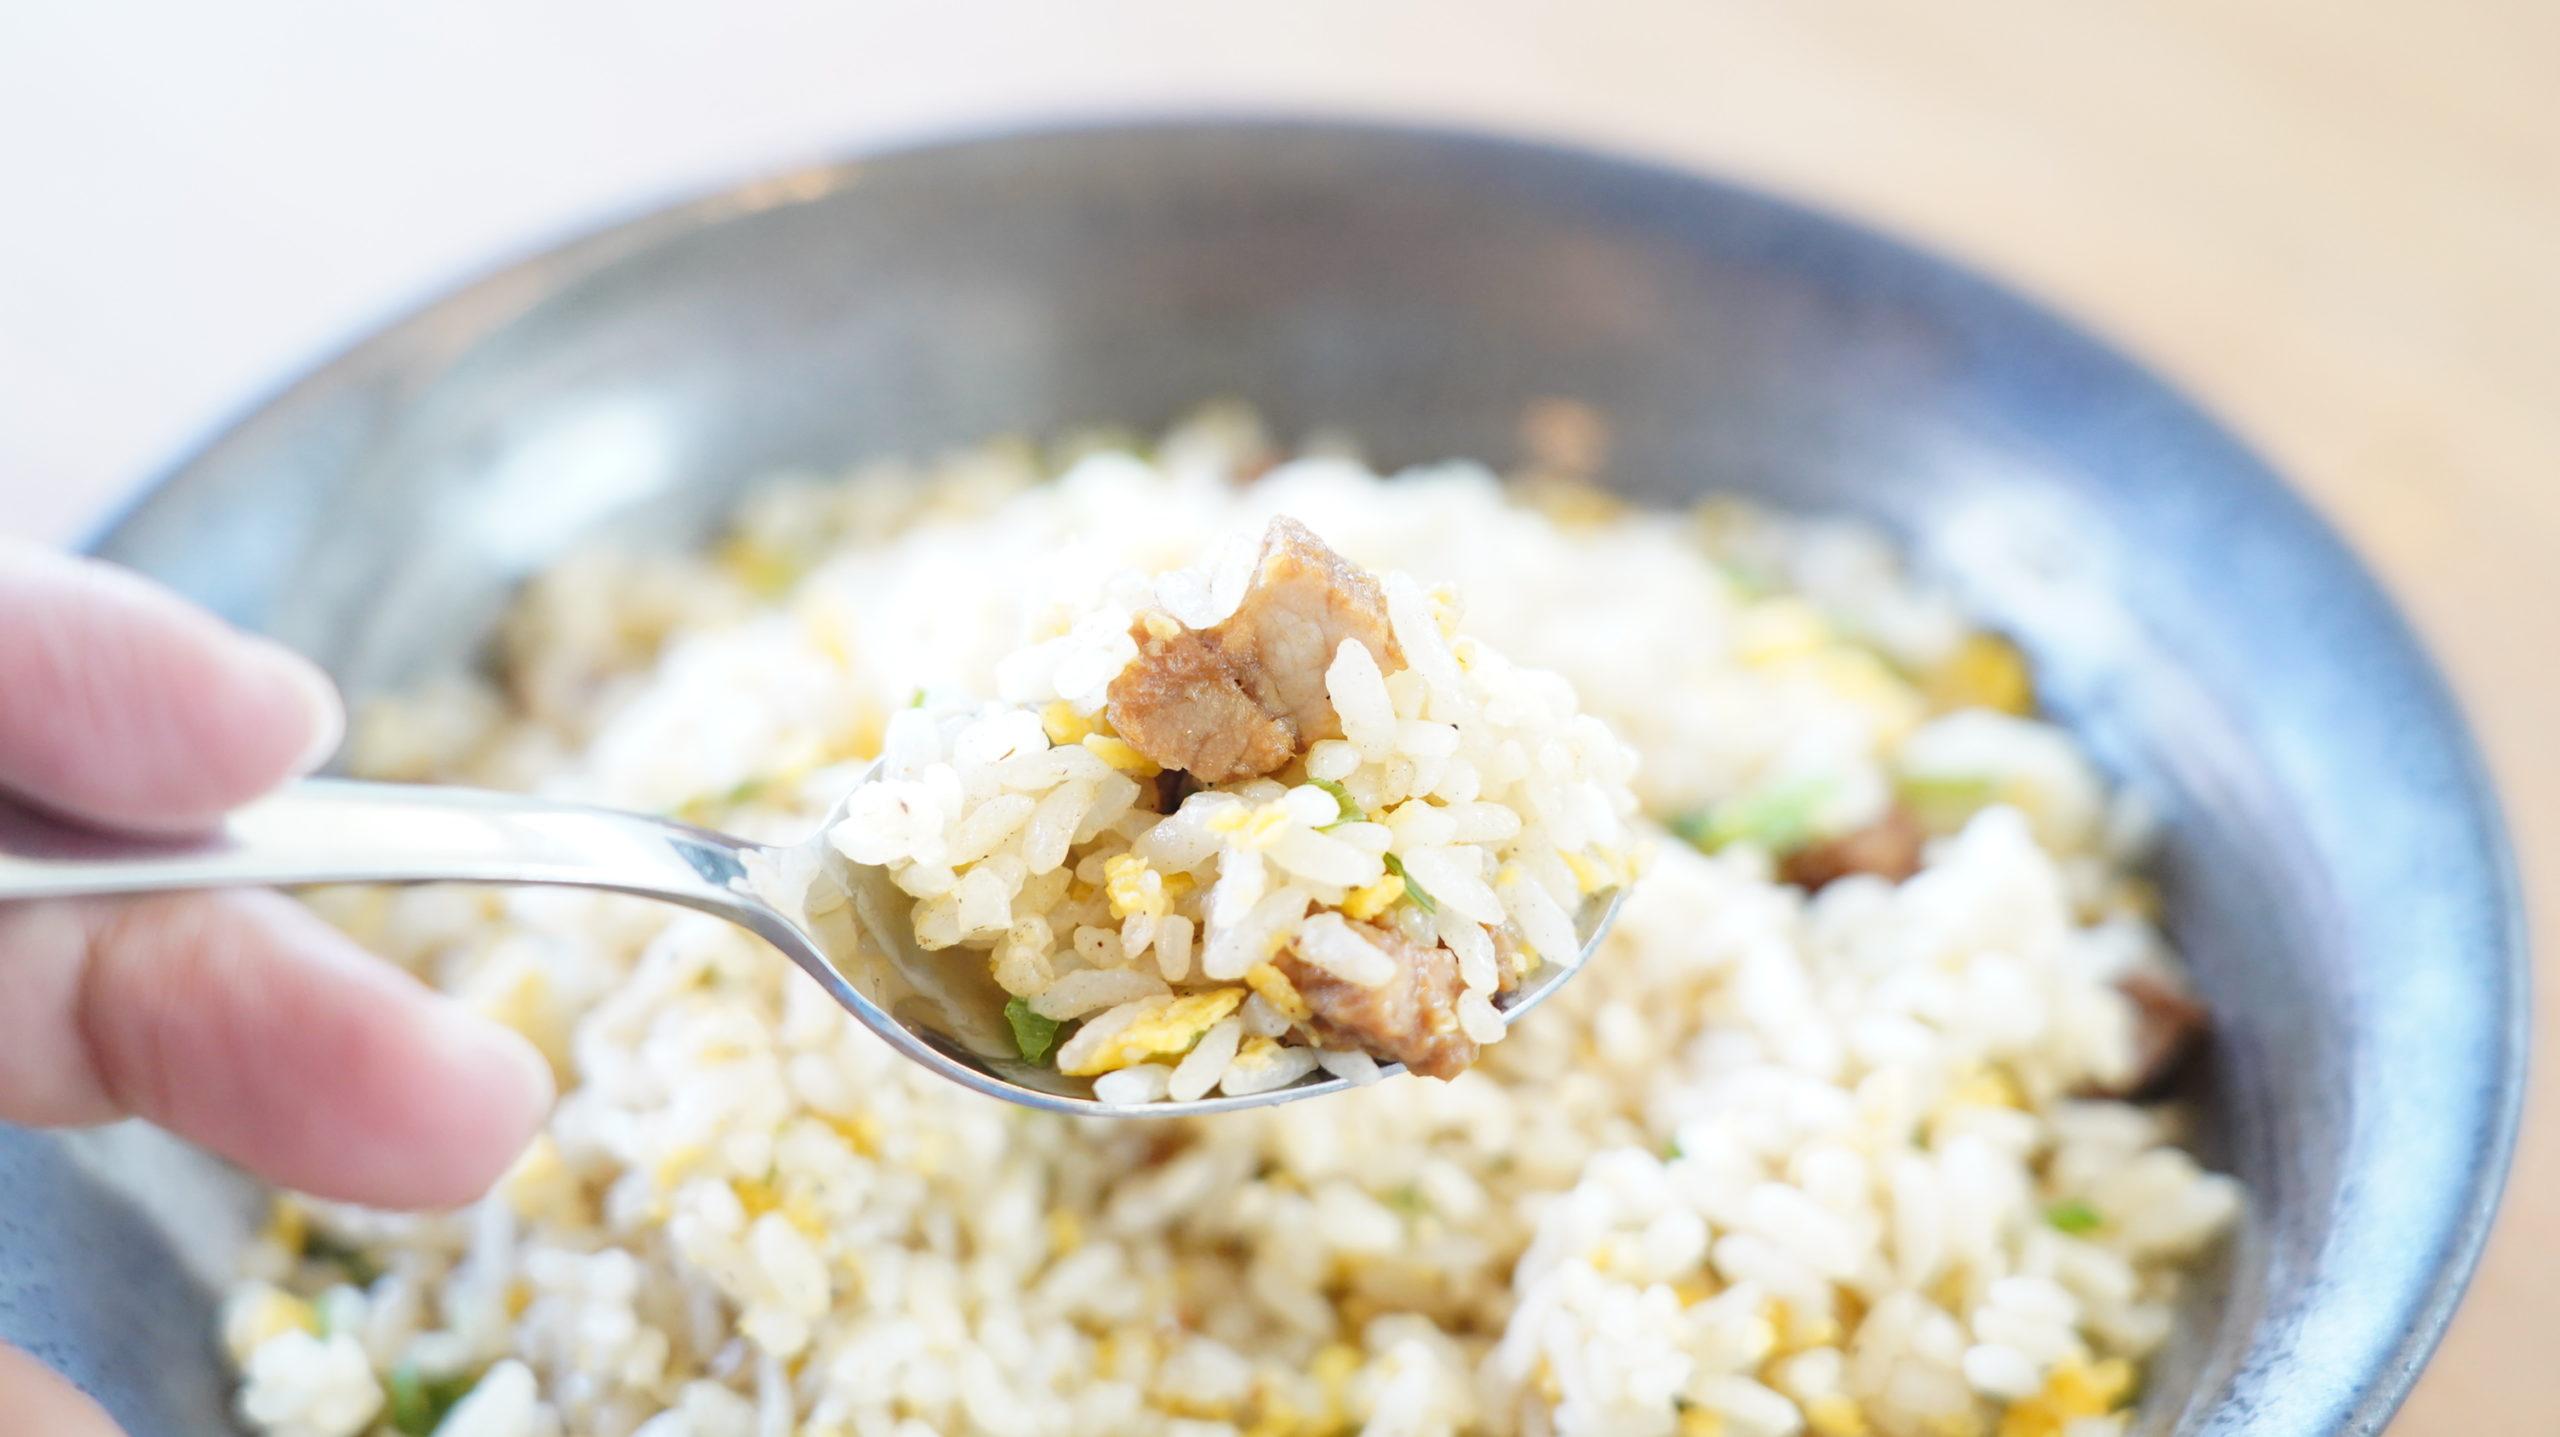 味の素の冷凍食品「焦がしにんにくのマー油と葱油が香るザ★チャーハン」がベチョベチョしていない写真